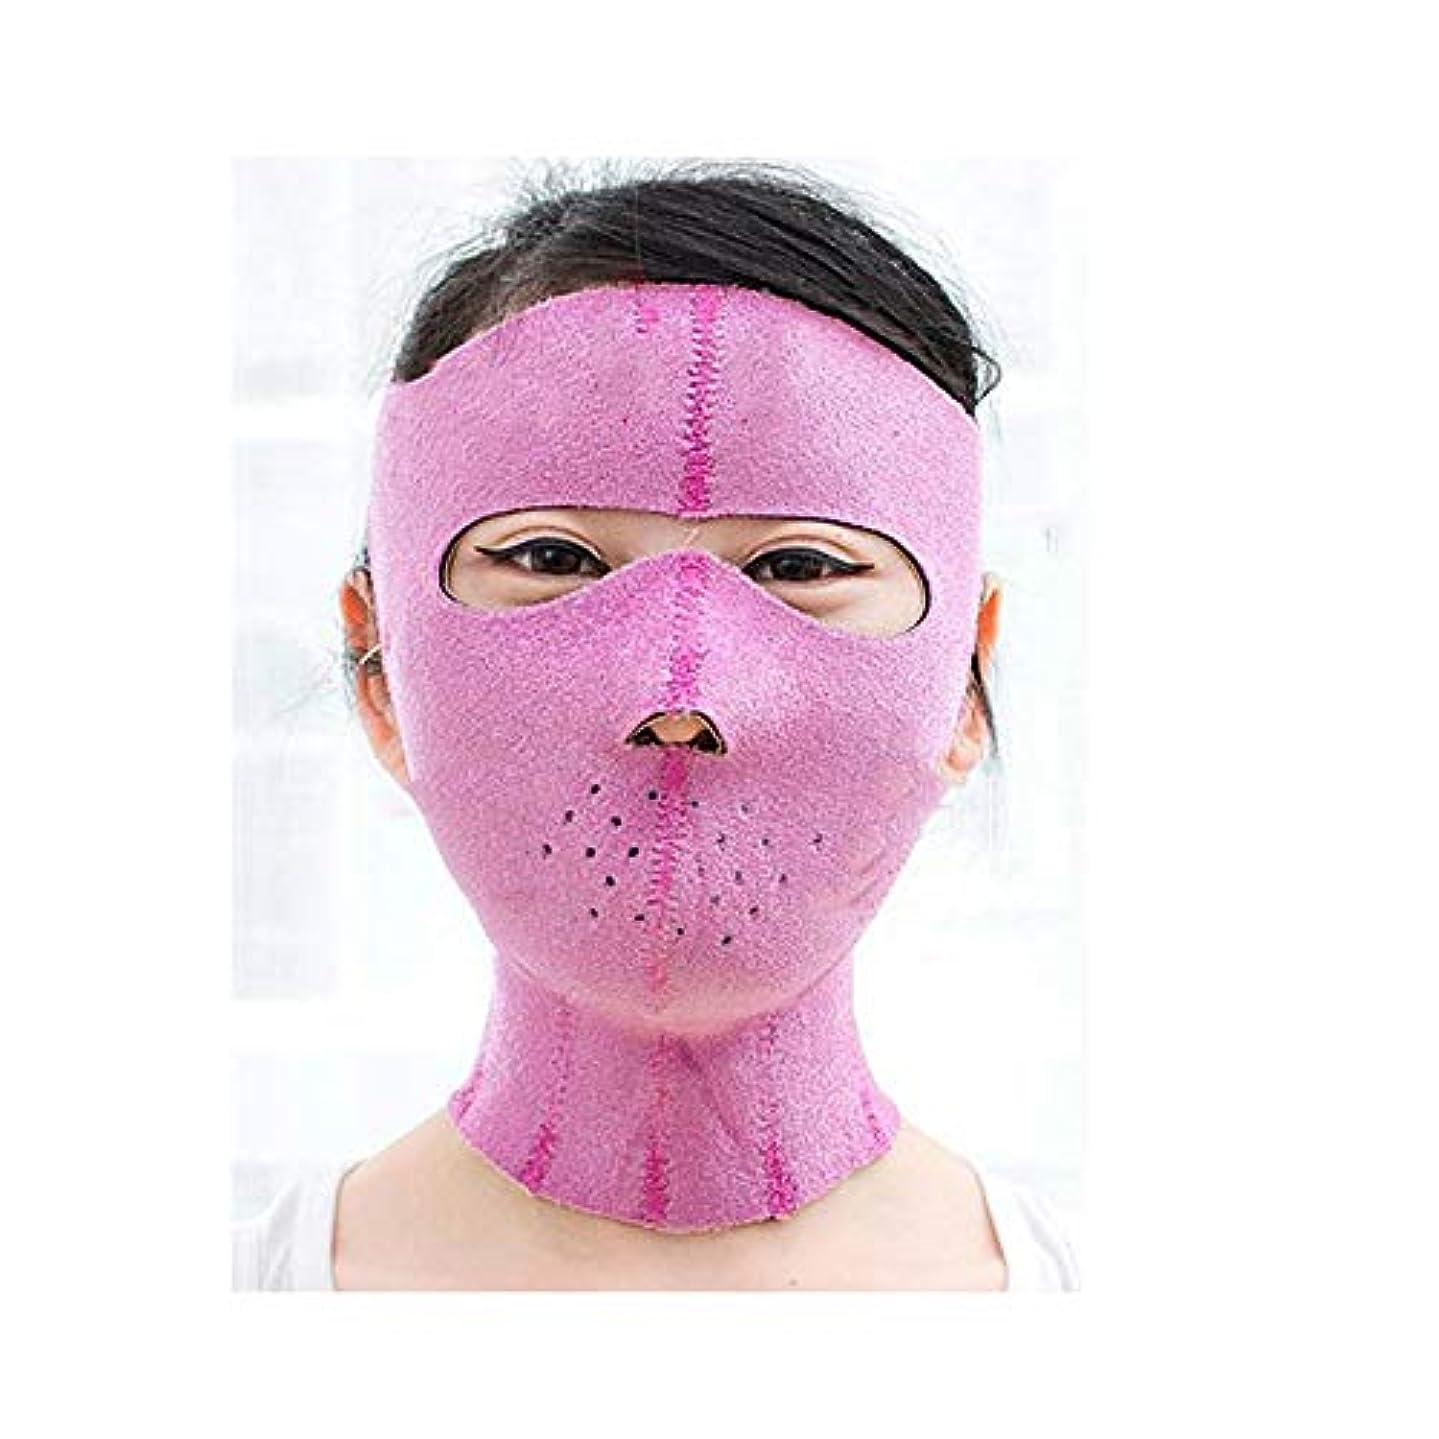 無視書き出す不条理フェイスリフティングサウナマスク、ウィッキングフェイス包帯/スモールフェイスアーチファクト/フェイスマスク(ピンク)